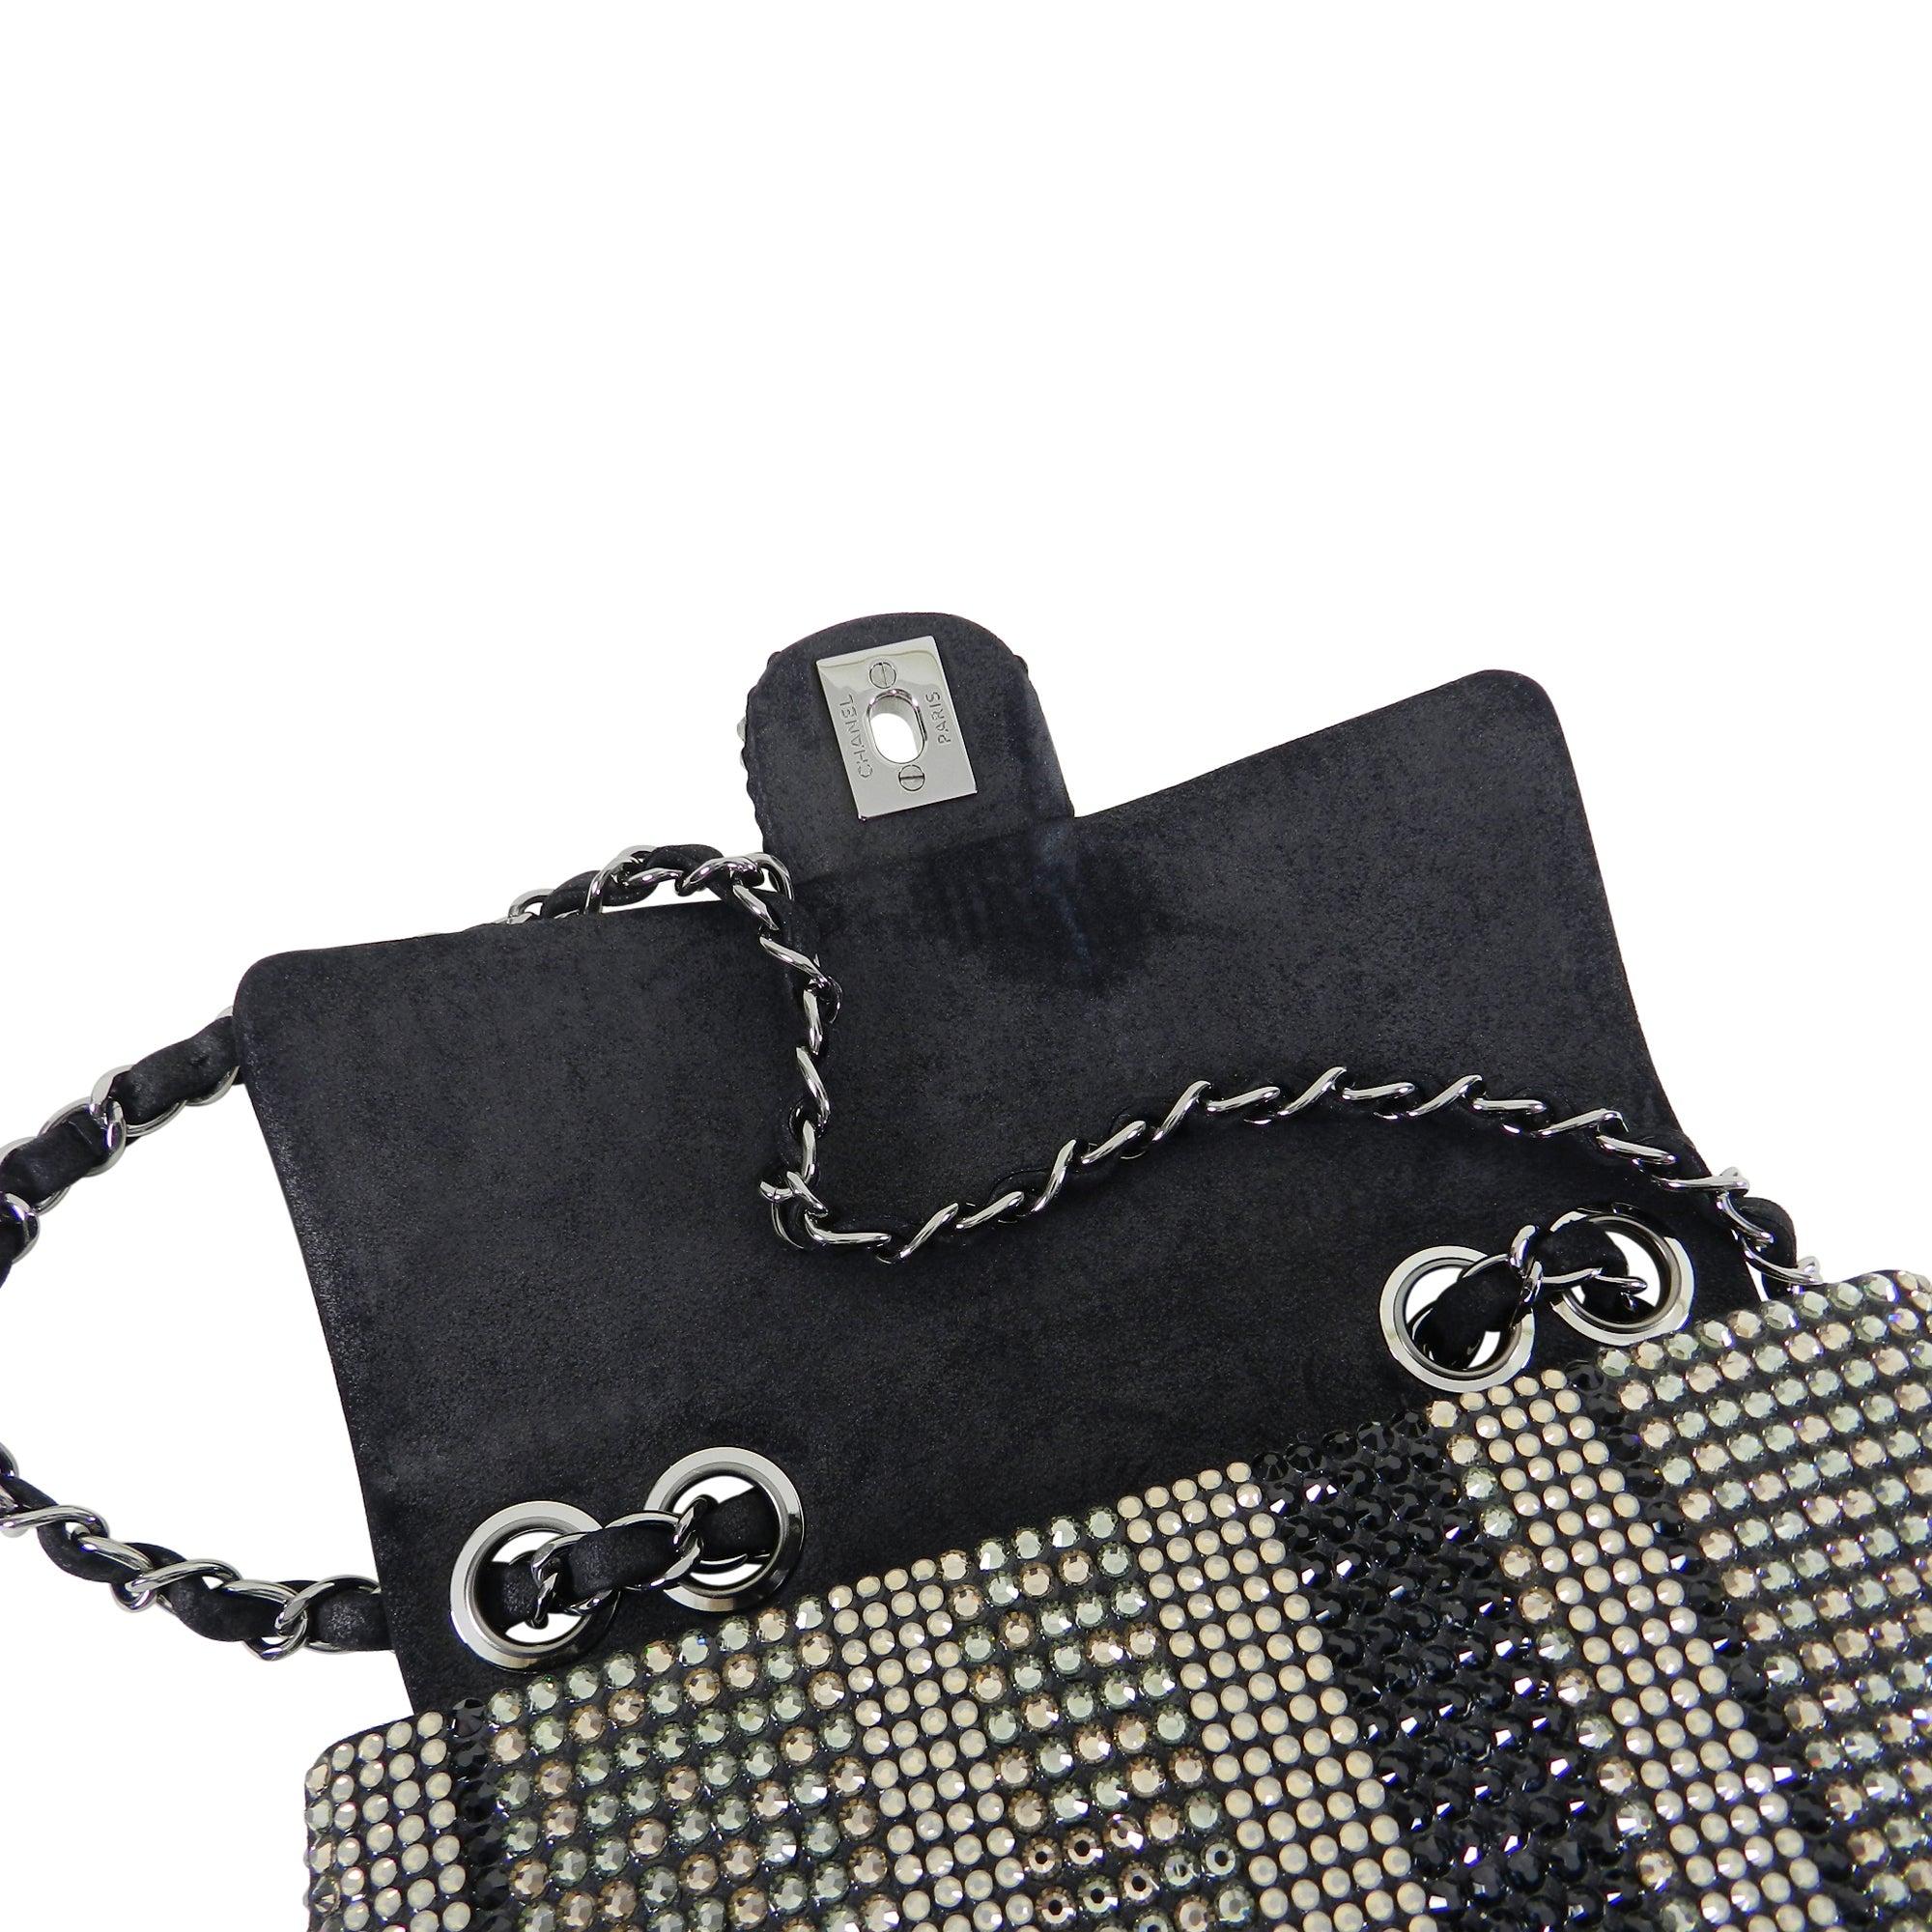 a8659df6a82d Chanel Strass swarovski crystal Mini Flap Bag at 1stdibs